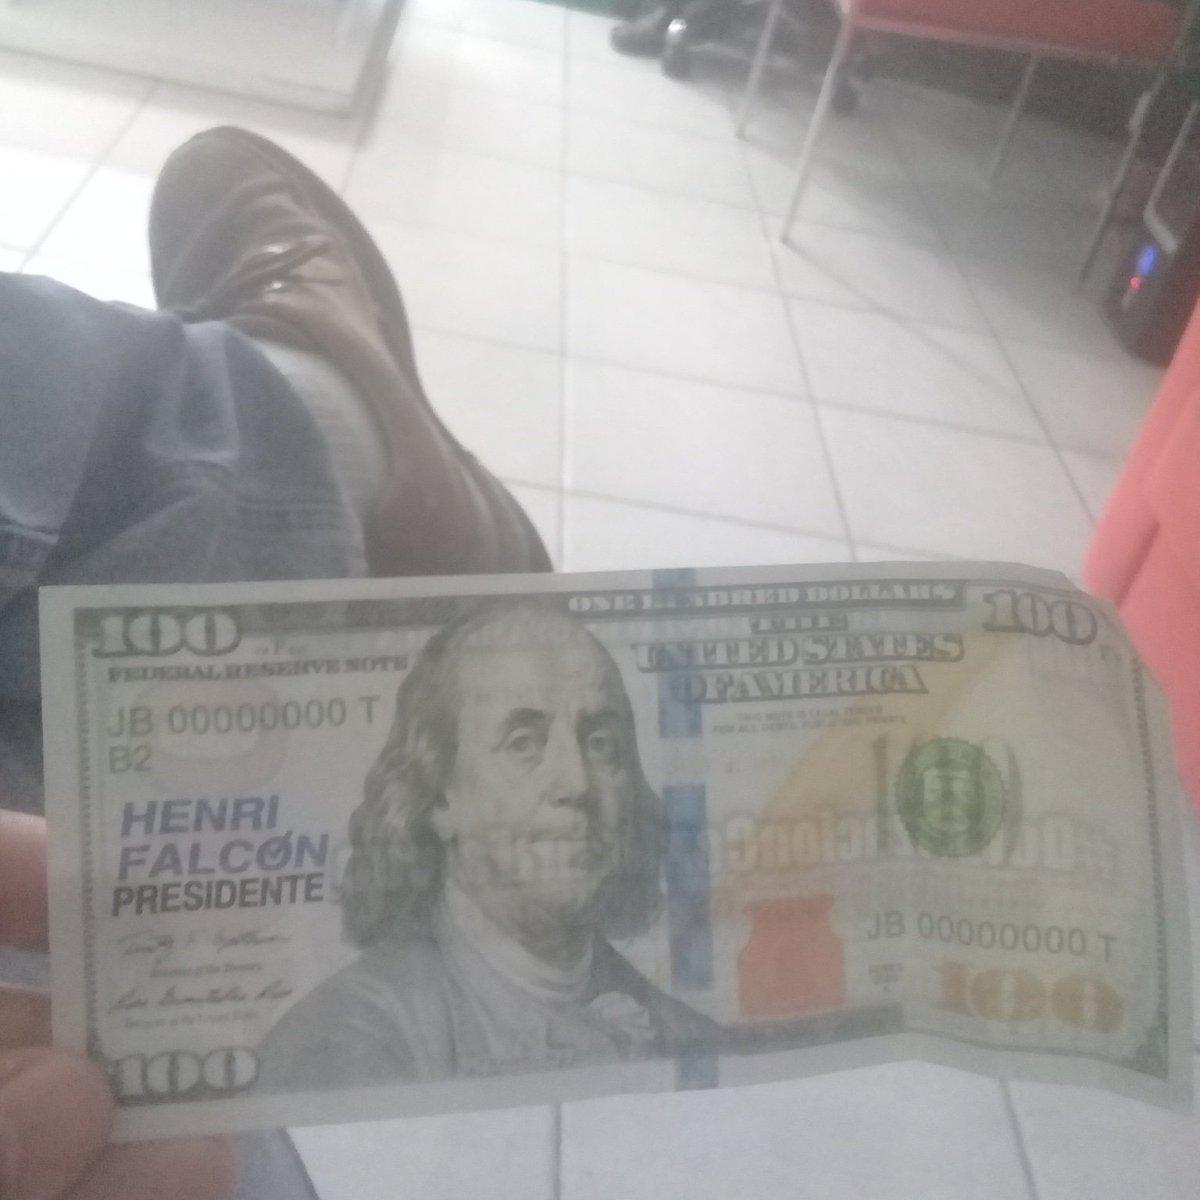 Táchira - Dictadura de Nicolas Maduro DcrodesXkAAO7W5